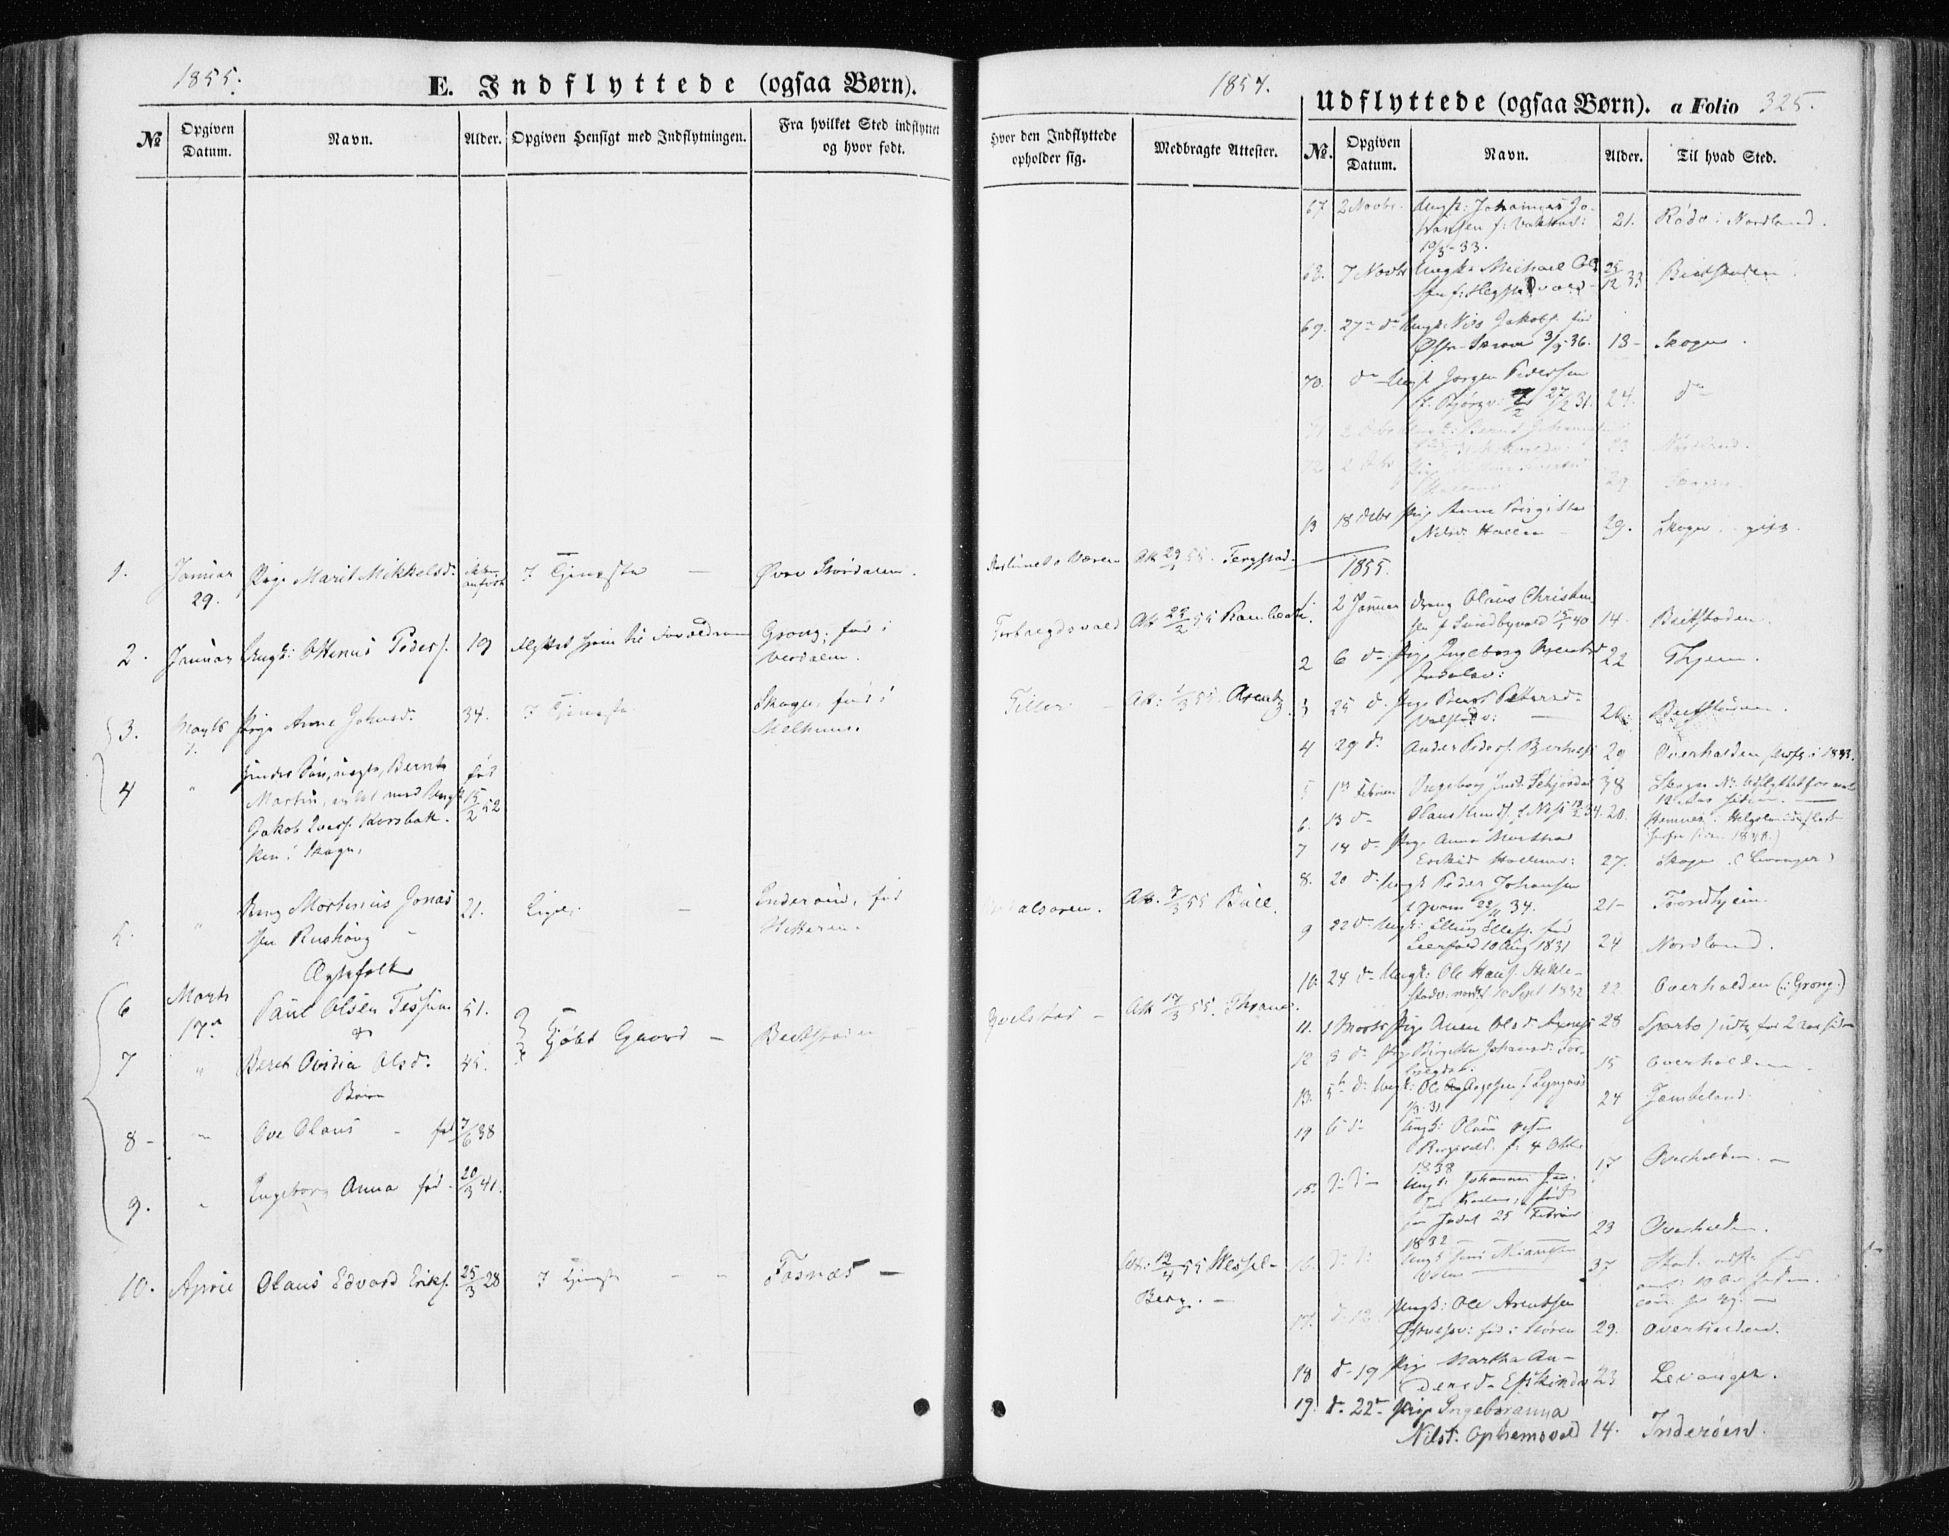 SAT, Ministerialprotokoller, klokkerbøker og fødselsregistre - Nord-Trøndelag, 723/L0240: Ministerialbok nr. 723A09, 1852-1860, s. 325